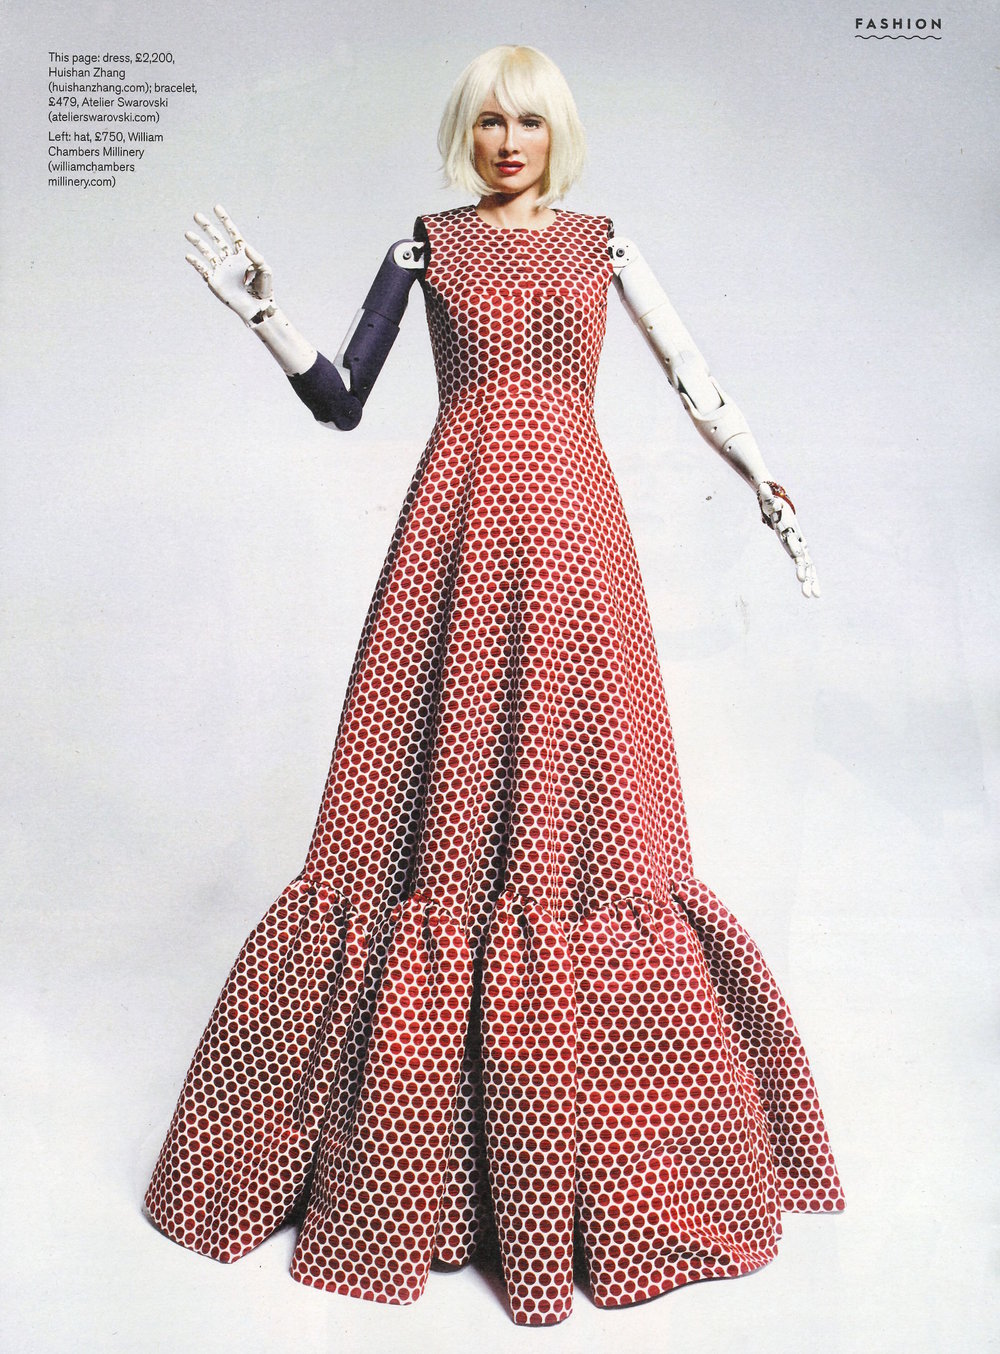 Stylist Magazine - 24.1.18 - Huishan Zhang.jpg